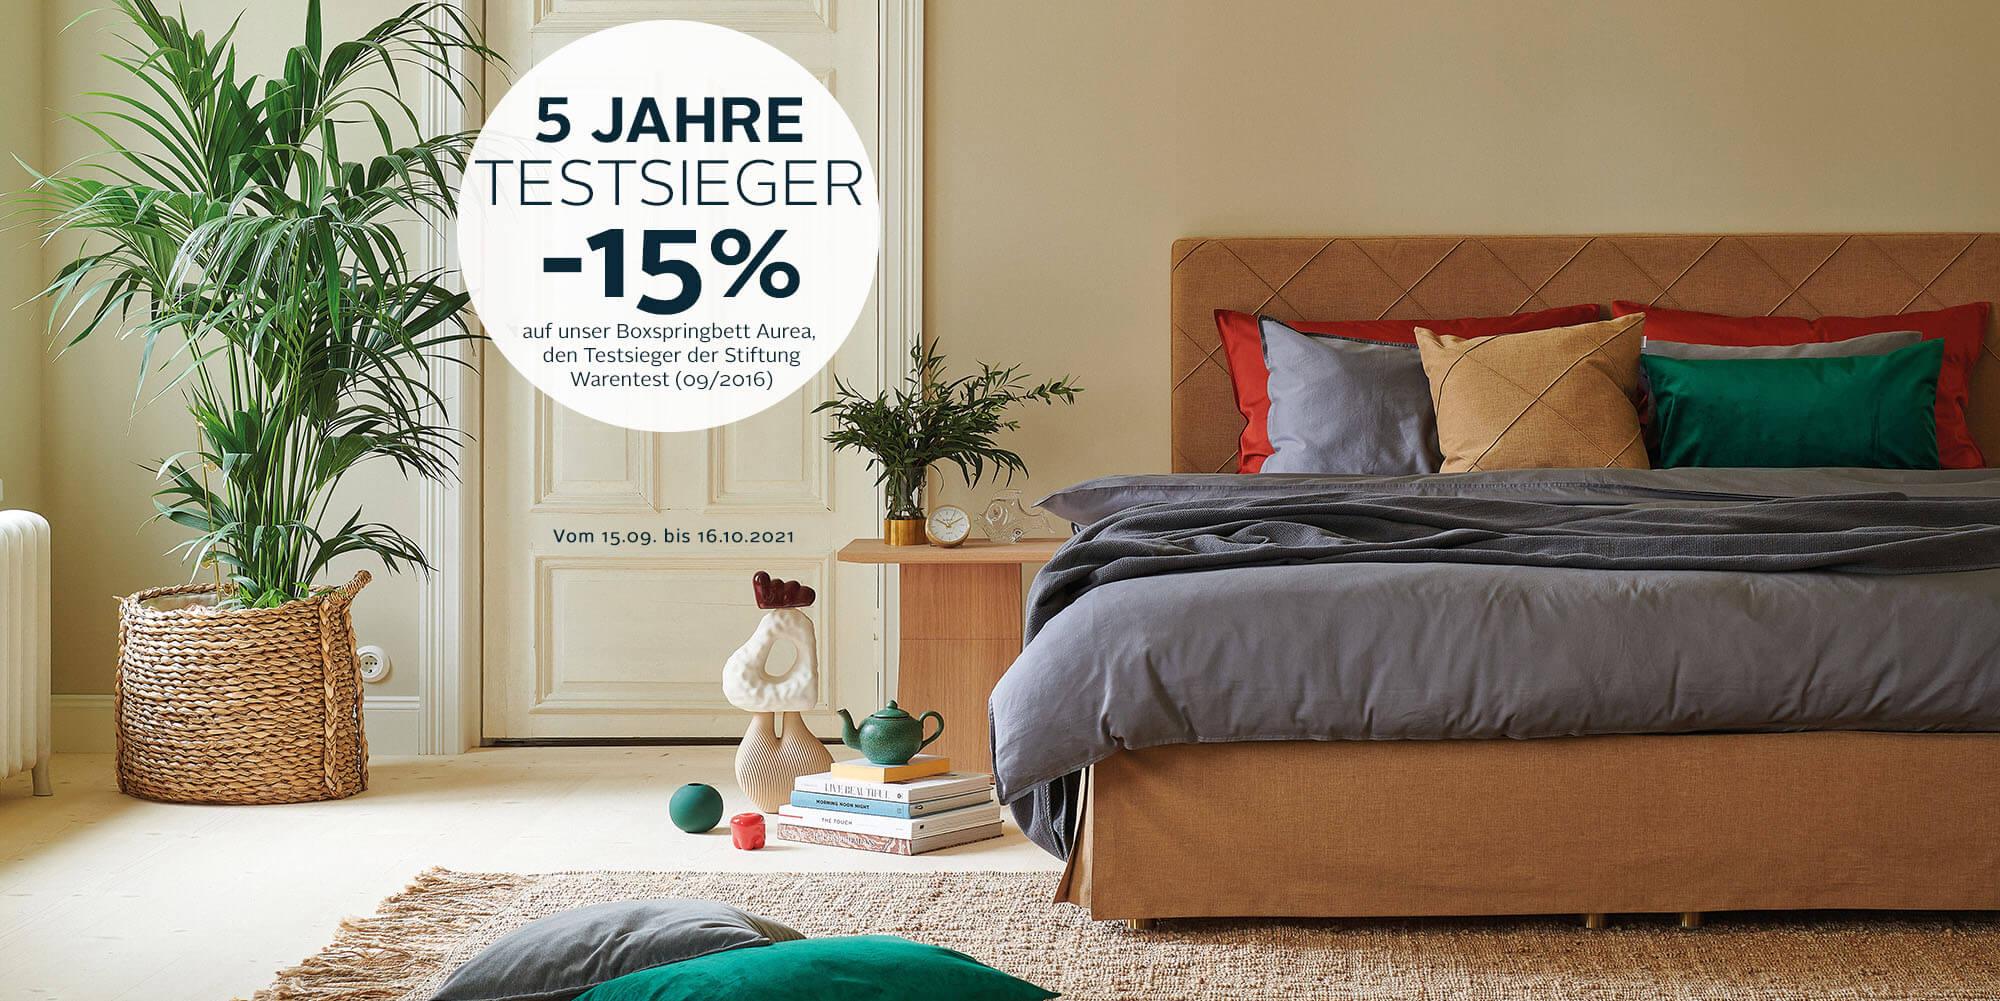 FEB-testsieger-website-2000×1200 2 regensburg